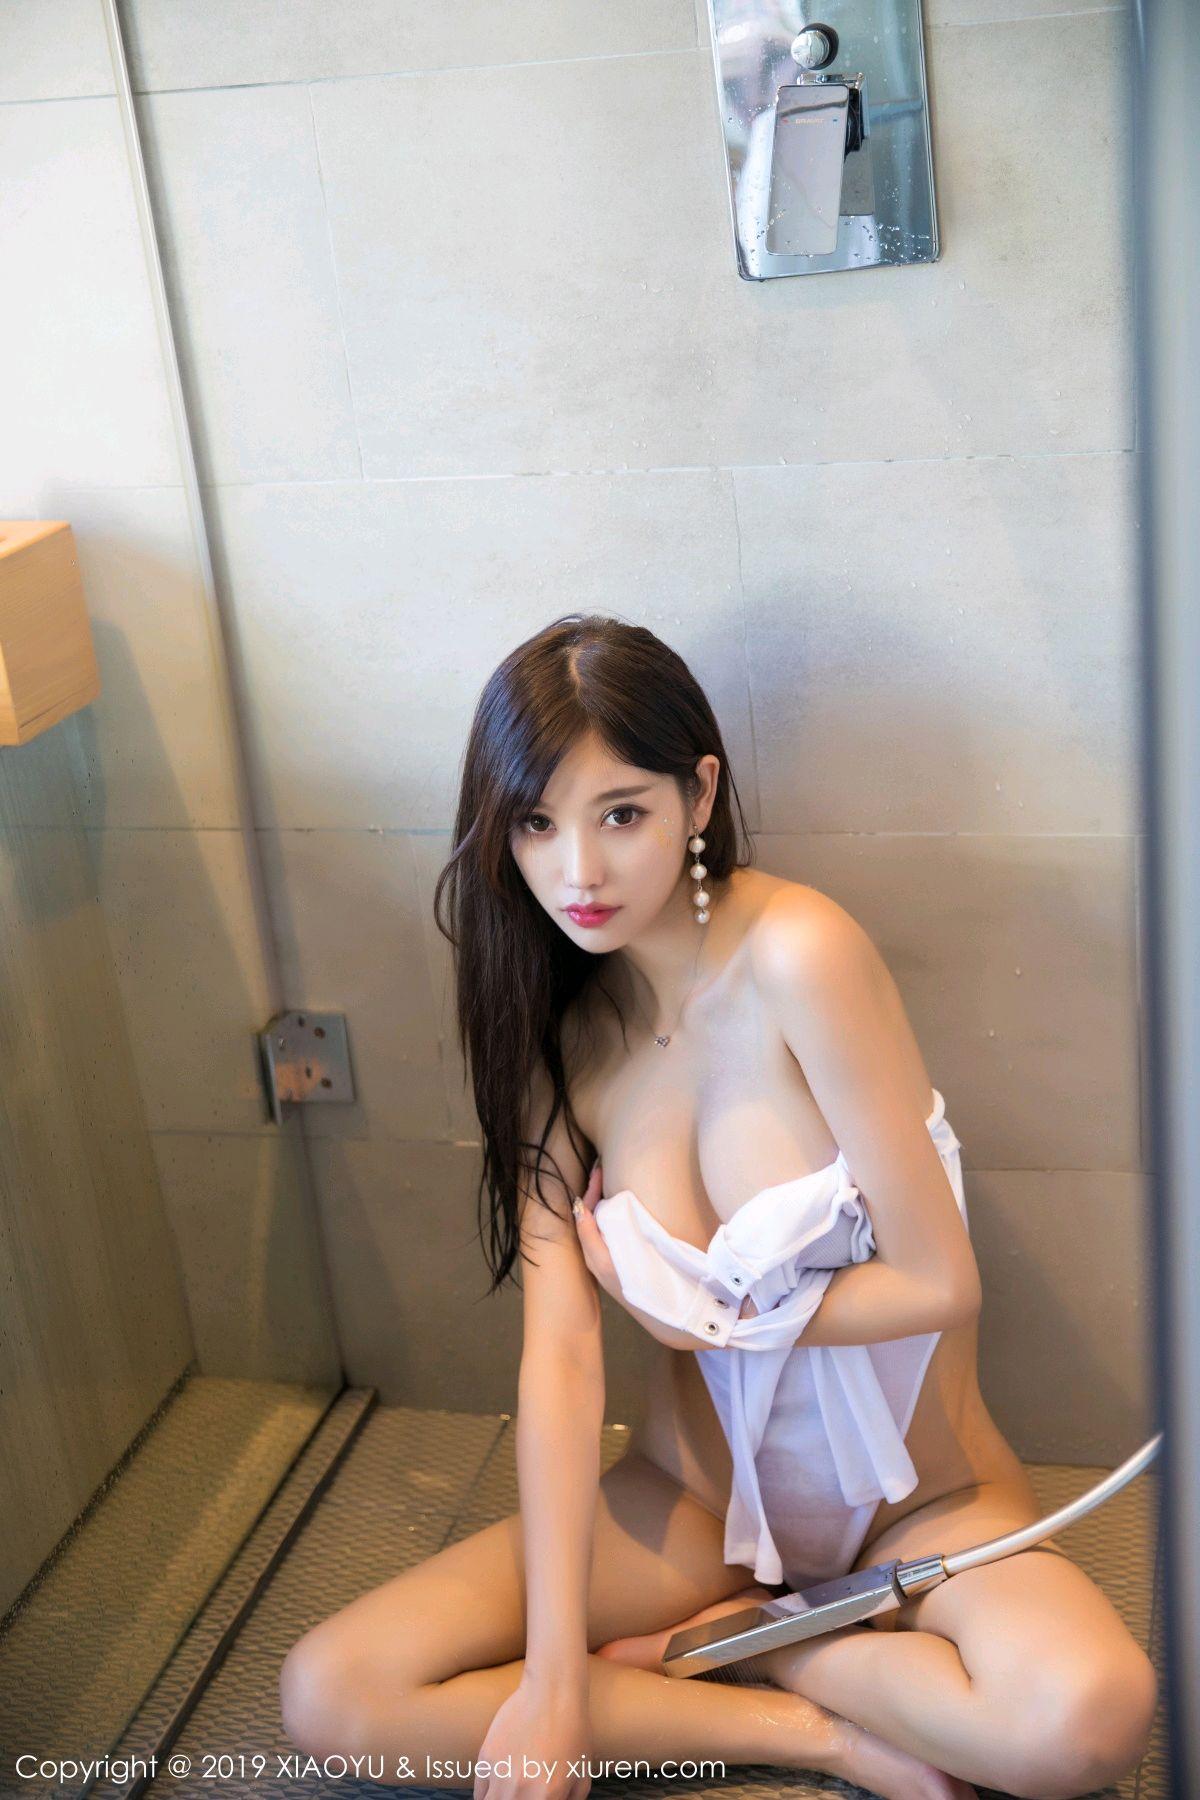 [XiaoYu] Vol.089 Yang Chen Chen 36P, Bathroom, Wet, XiaoYu, Yang Chen Chen